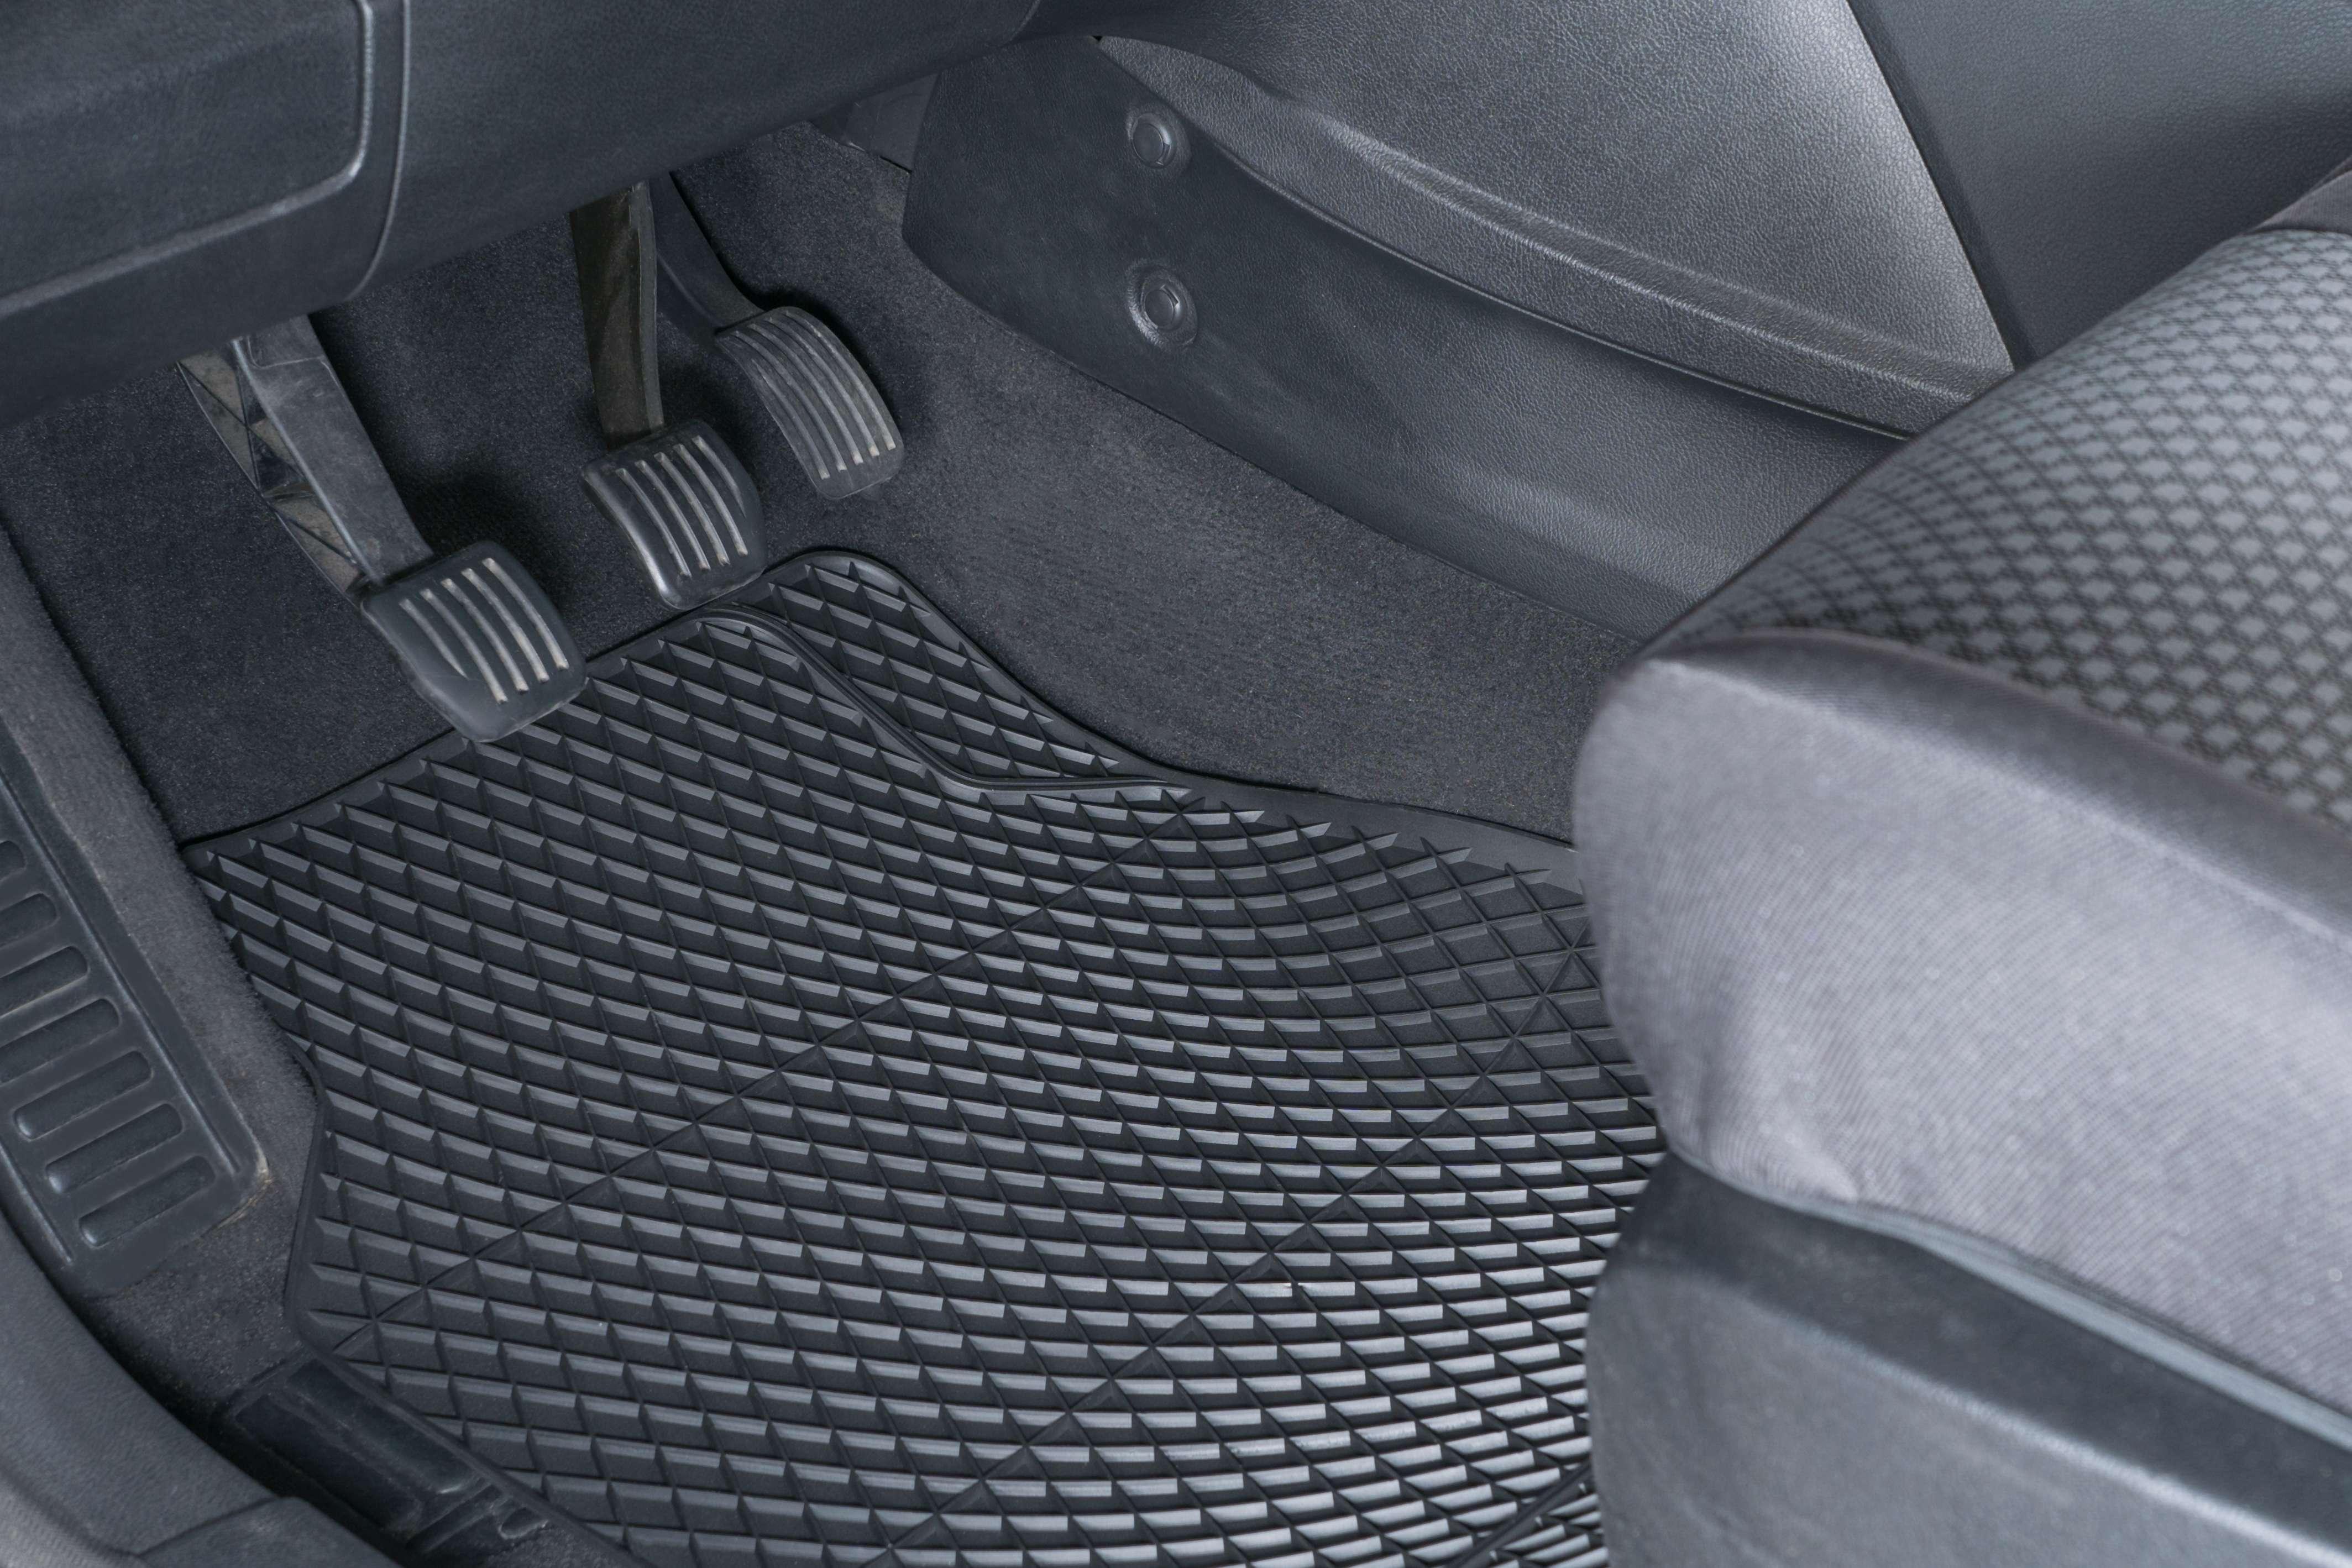 28019 Vloermatset WALSER - Voordelige producten van merken.